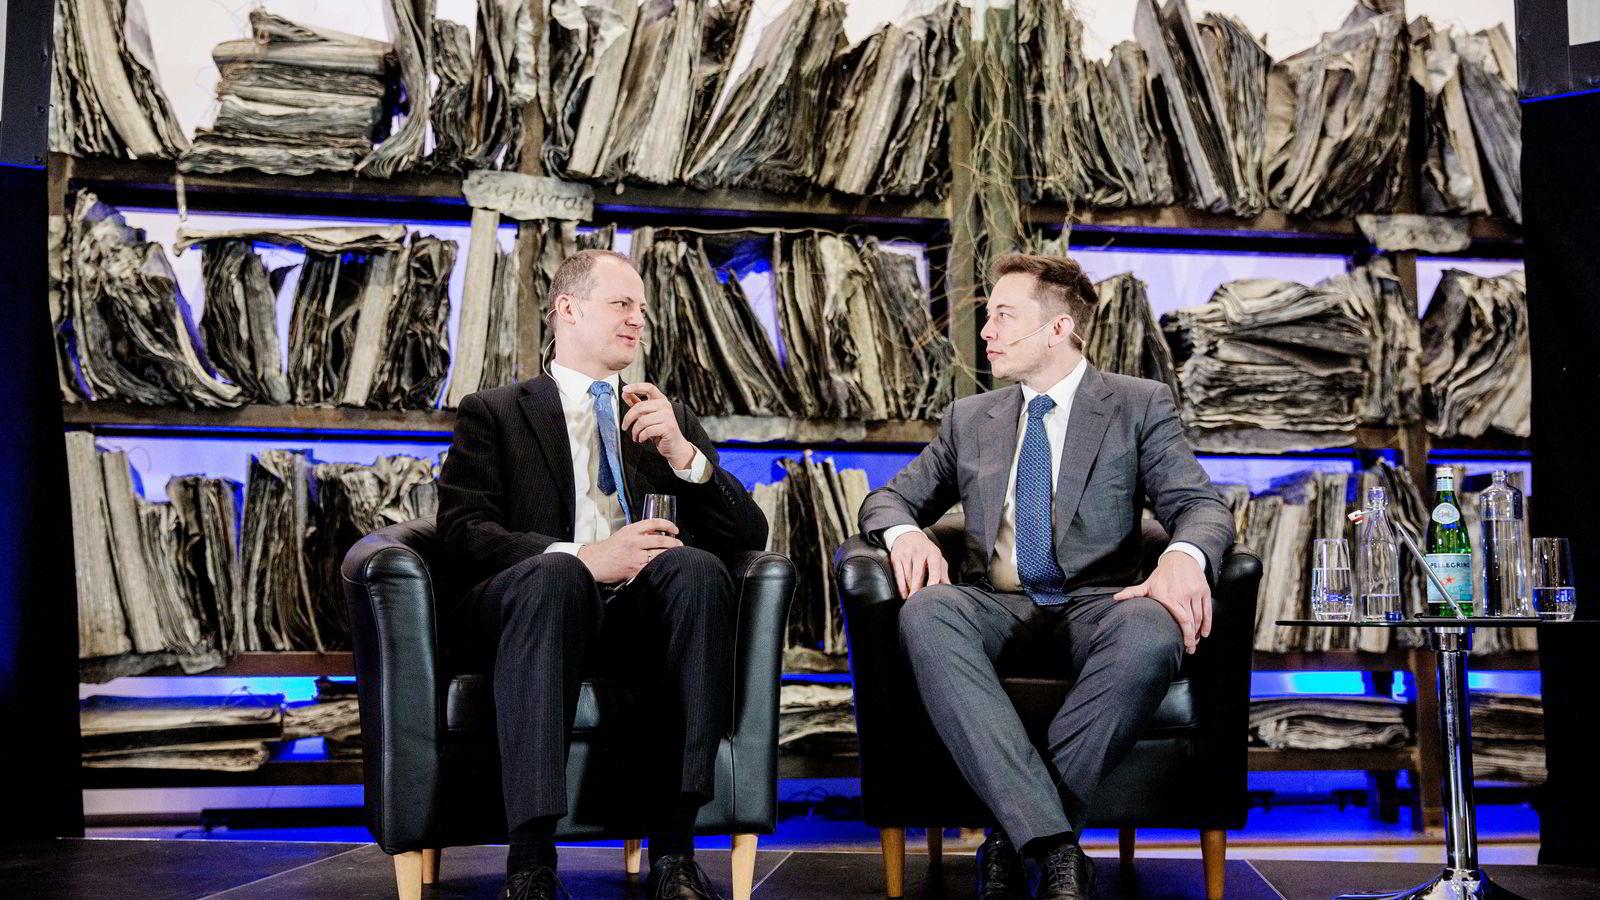 Tesla-gründer Elon Musk snakket om batterier, hydrogen og døden med samferdselsminister Ketil Solvik-Olsen. Foto: Fredrik Bjerknes